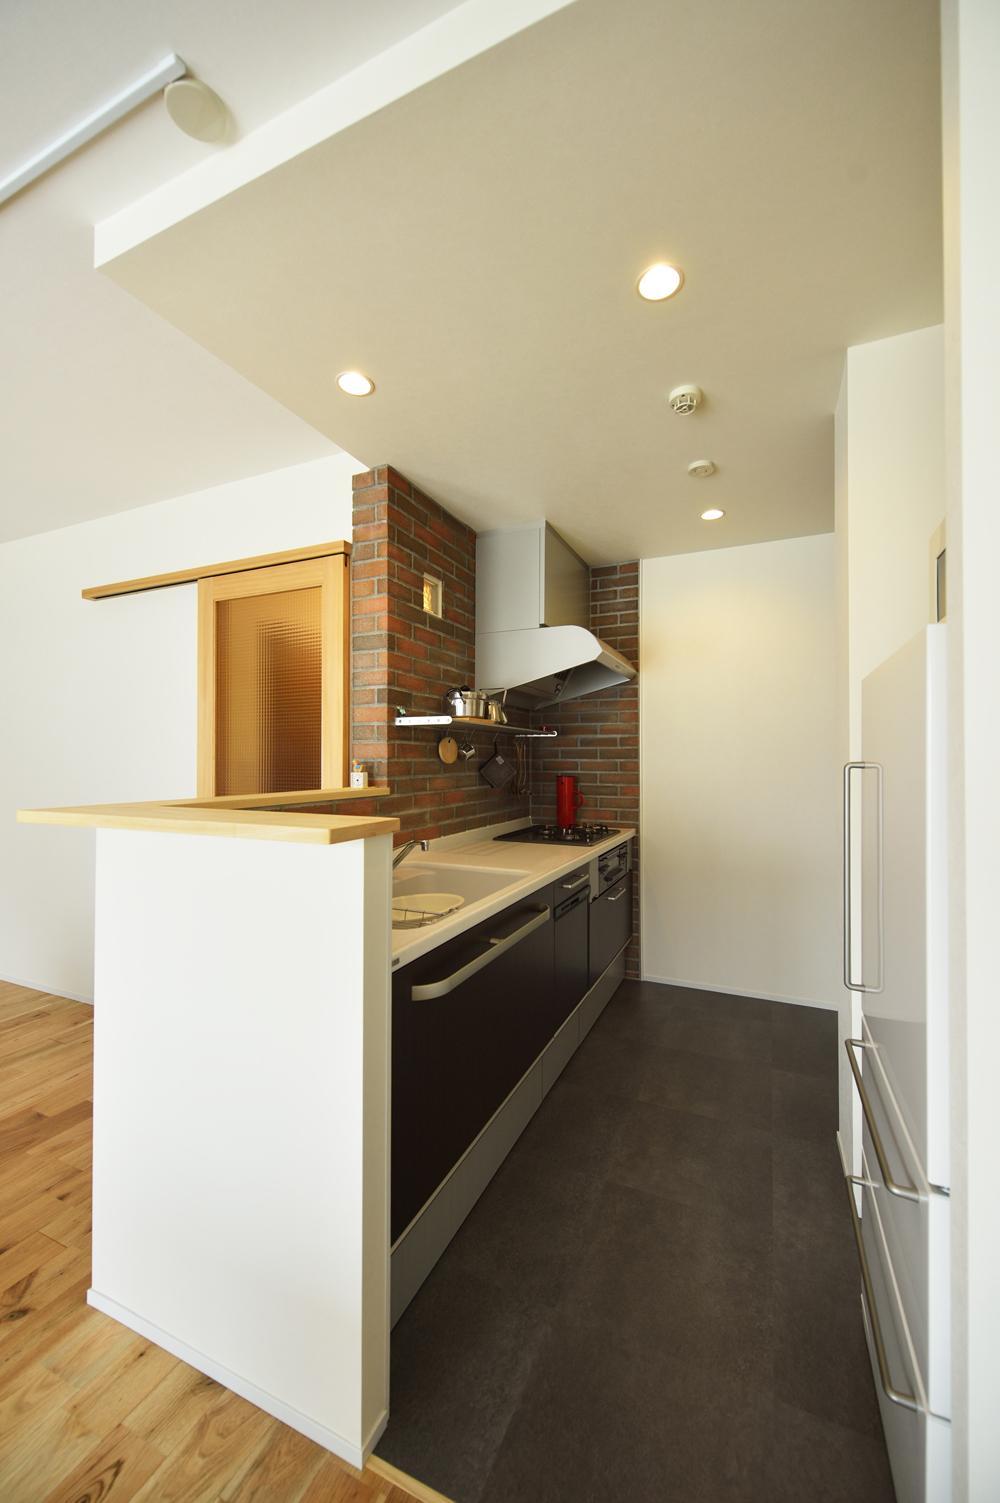 K邸・暮しを彩る収納のある家 (煉瓦貼りのカウンターキッチン)